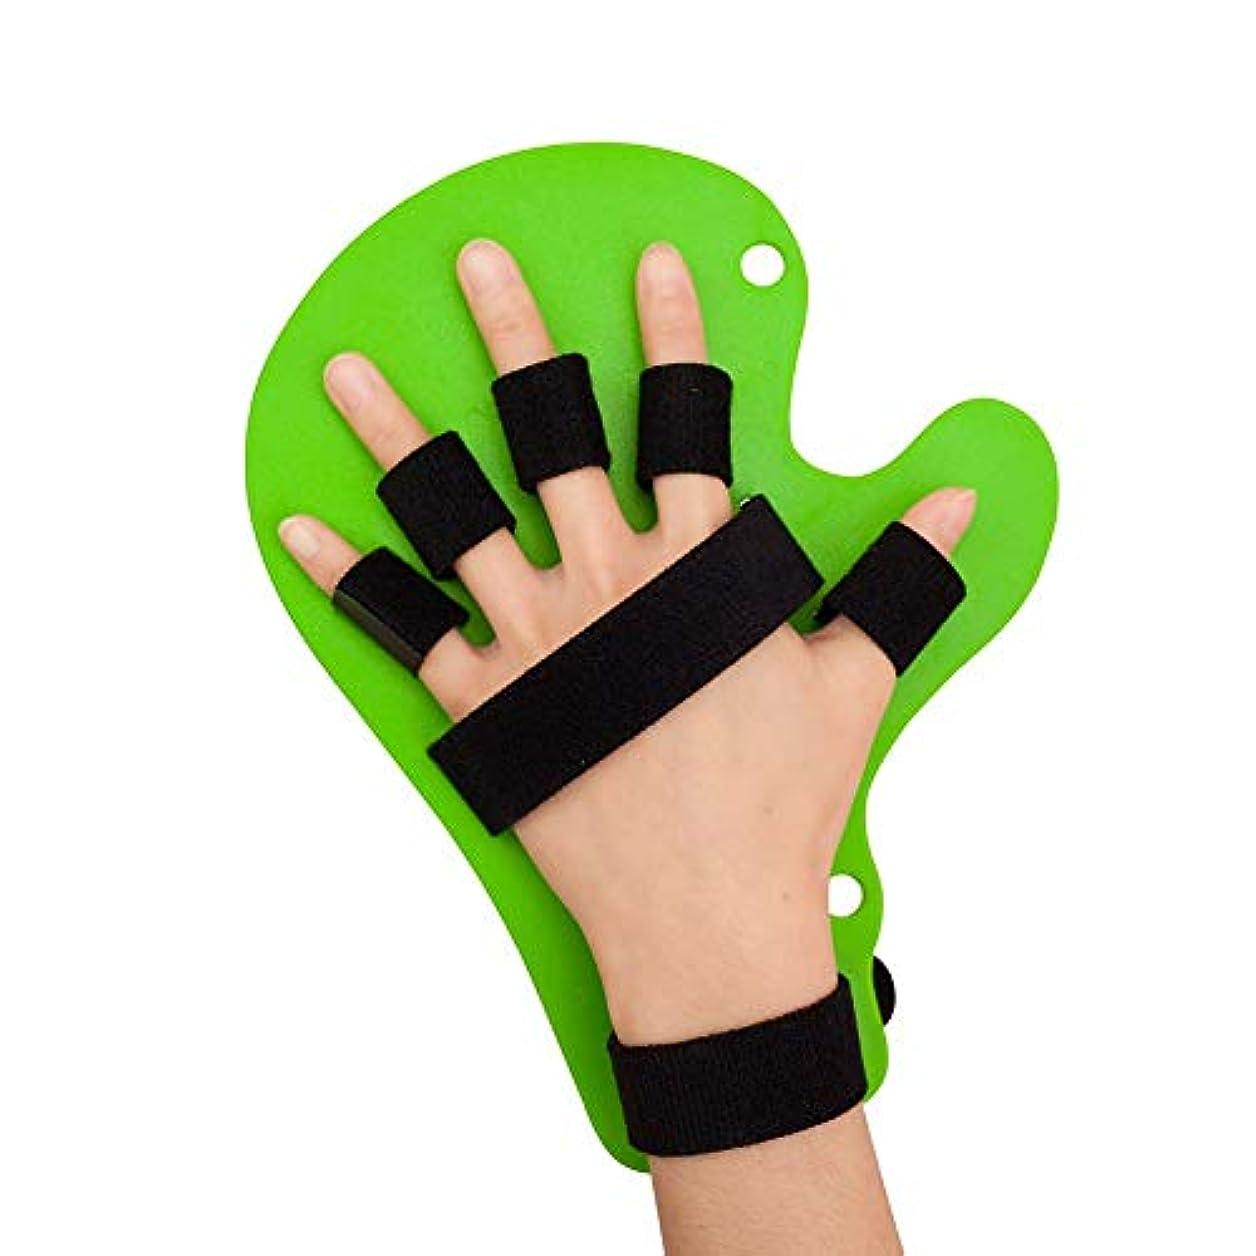 下にはず排気スプリント指指セパレーター、指スプリント指、指スタビライザーリストストラップ脳卒中片麻痺指のトレーニング機器を指 (Color : 緑)